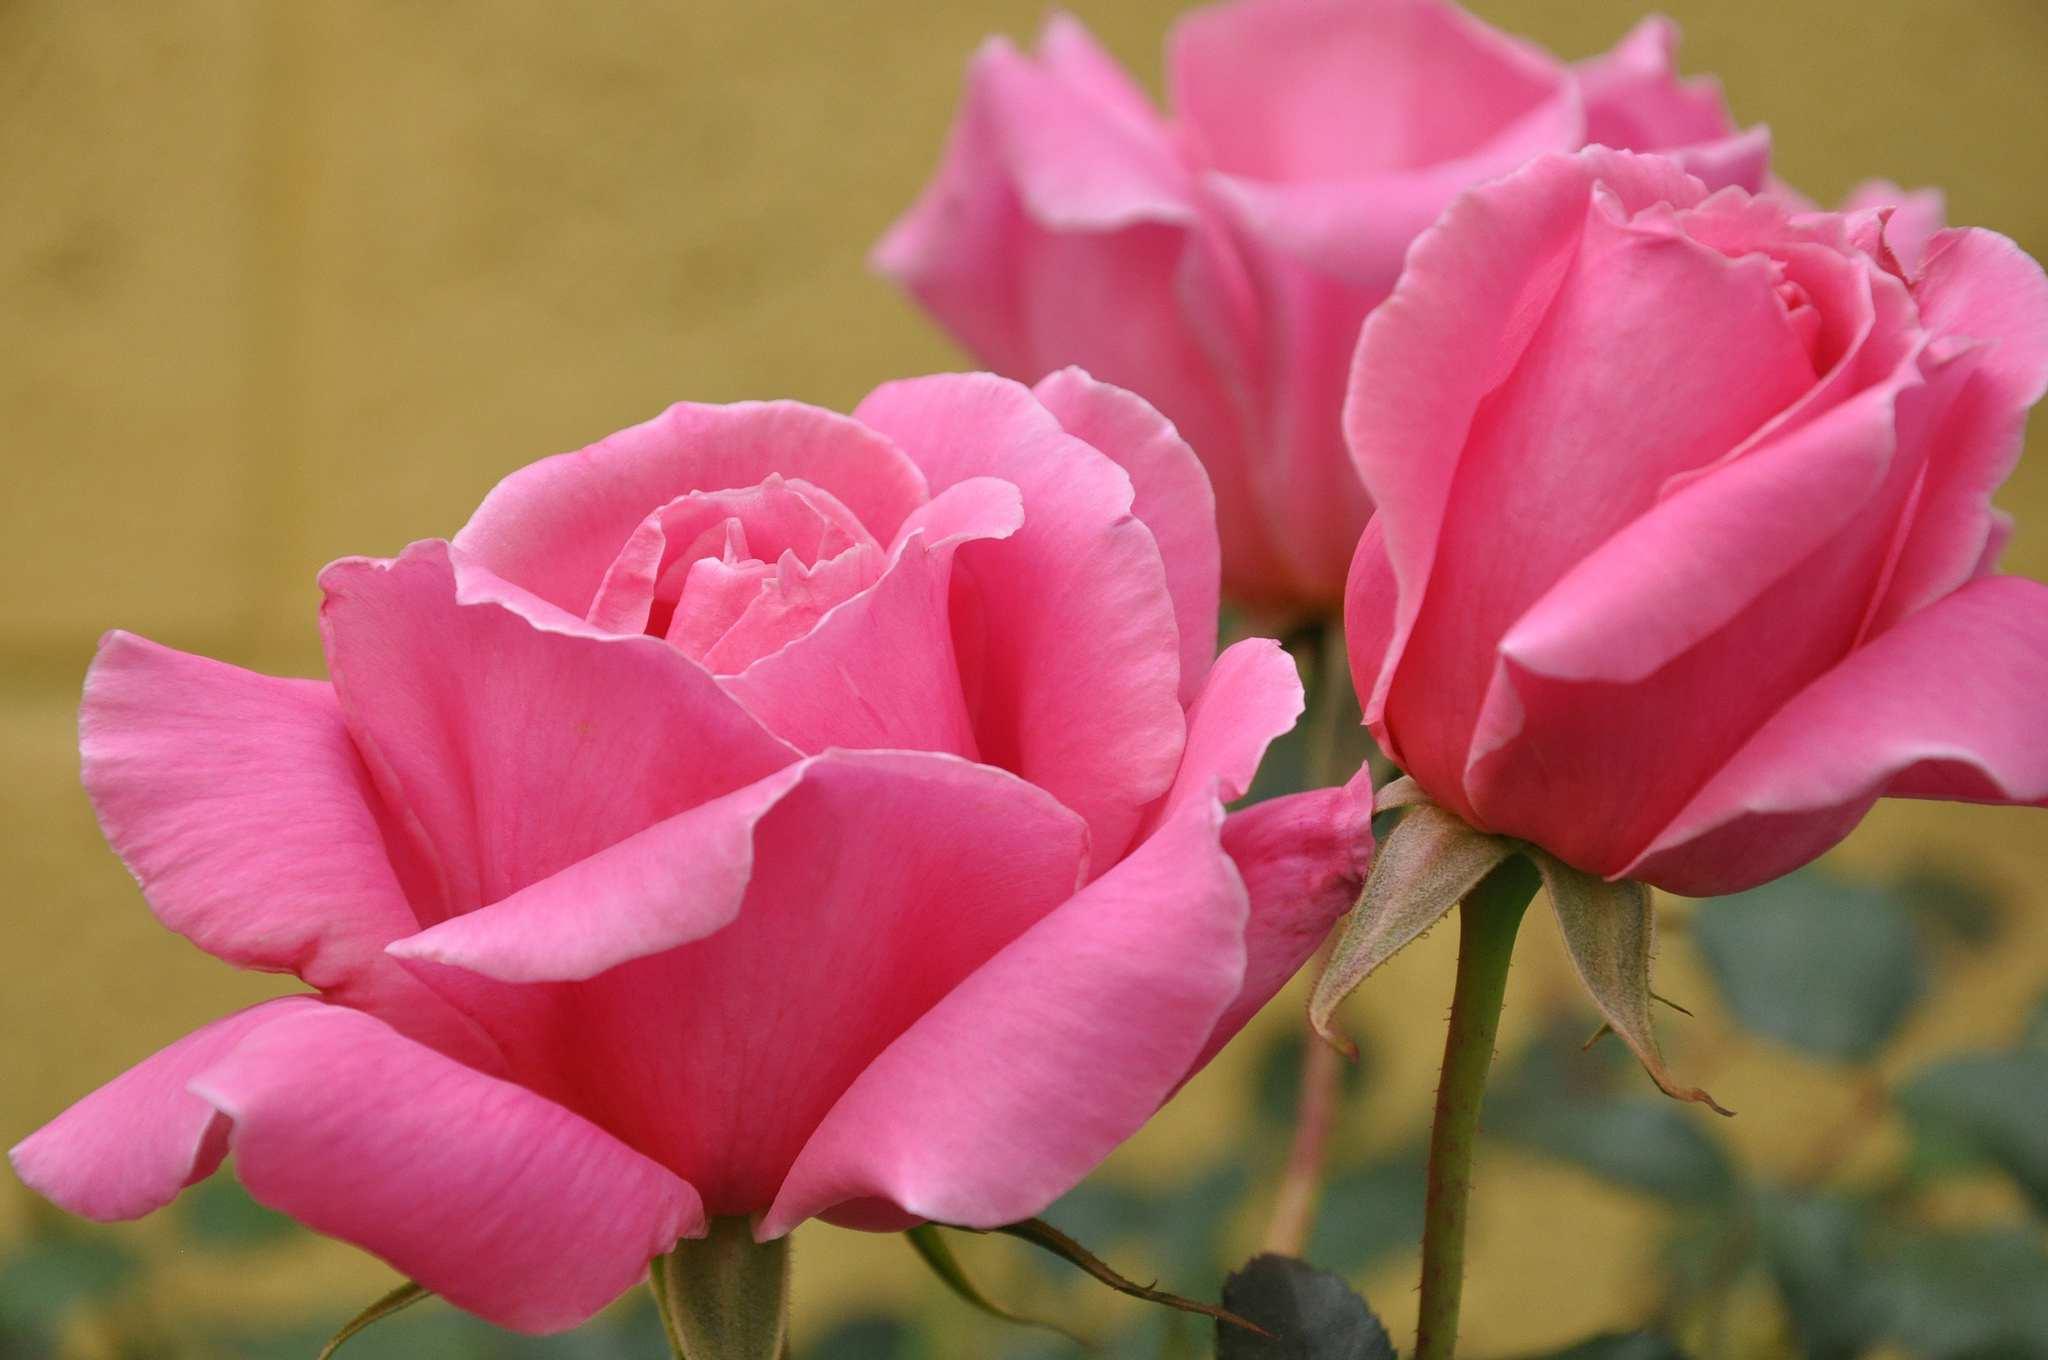 Hình nền máy tính HD những bông hoa hồng khoe sắc thắm